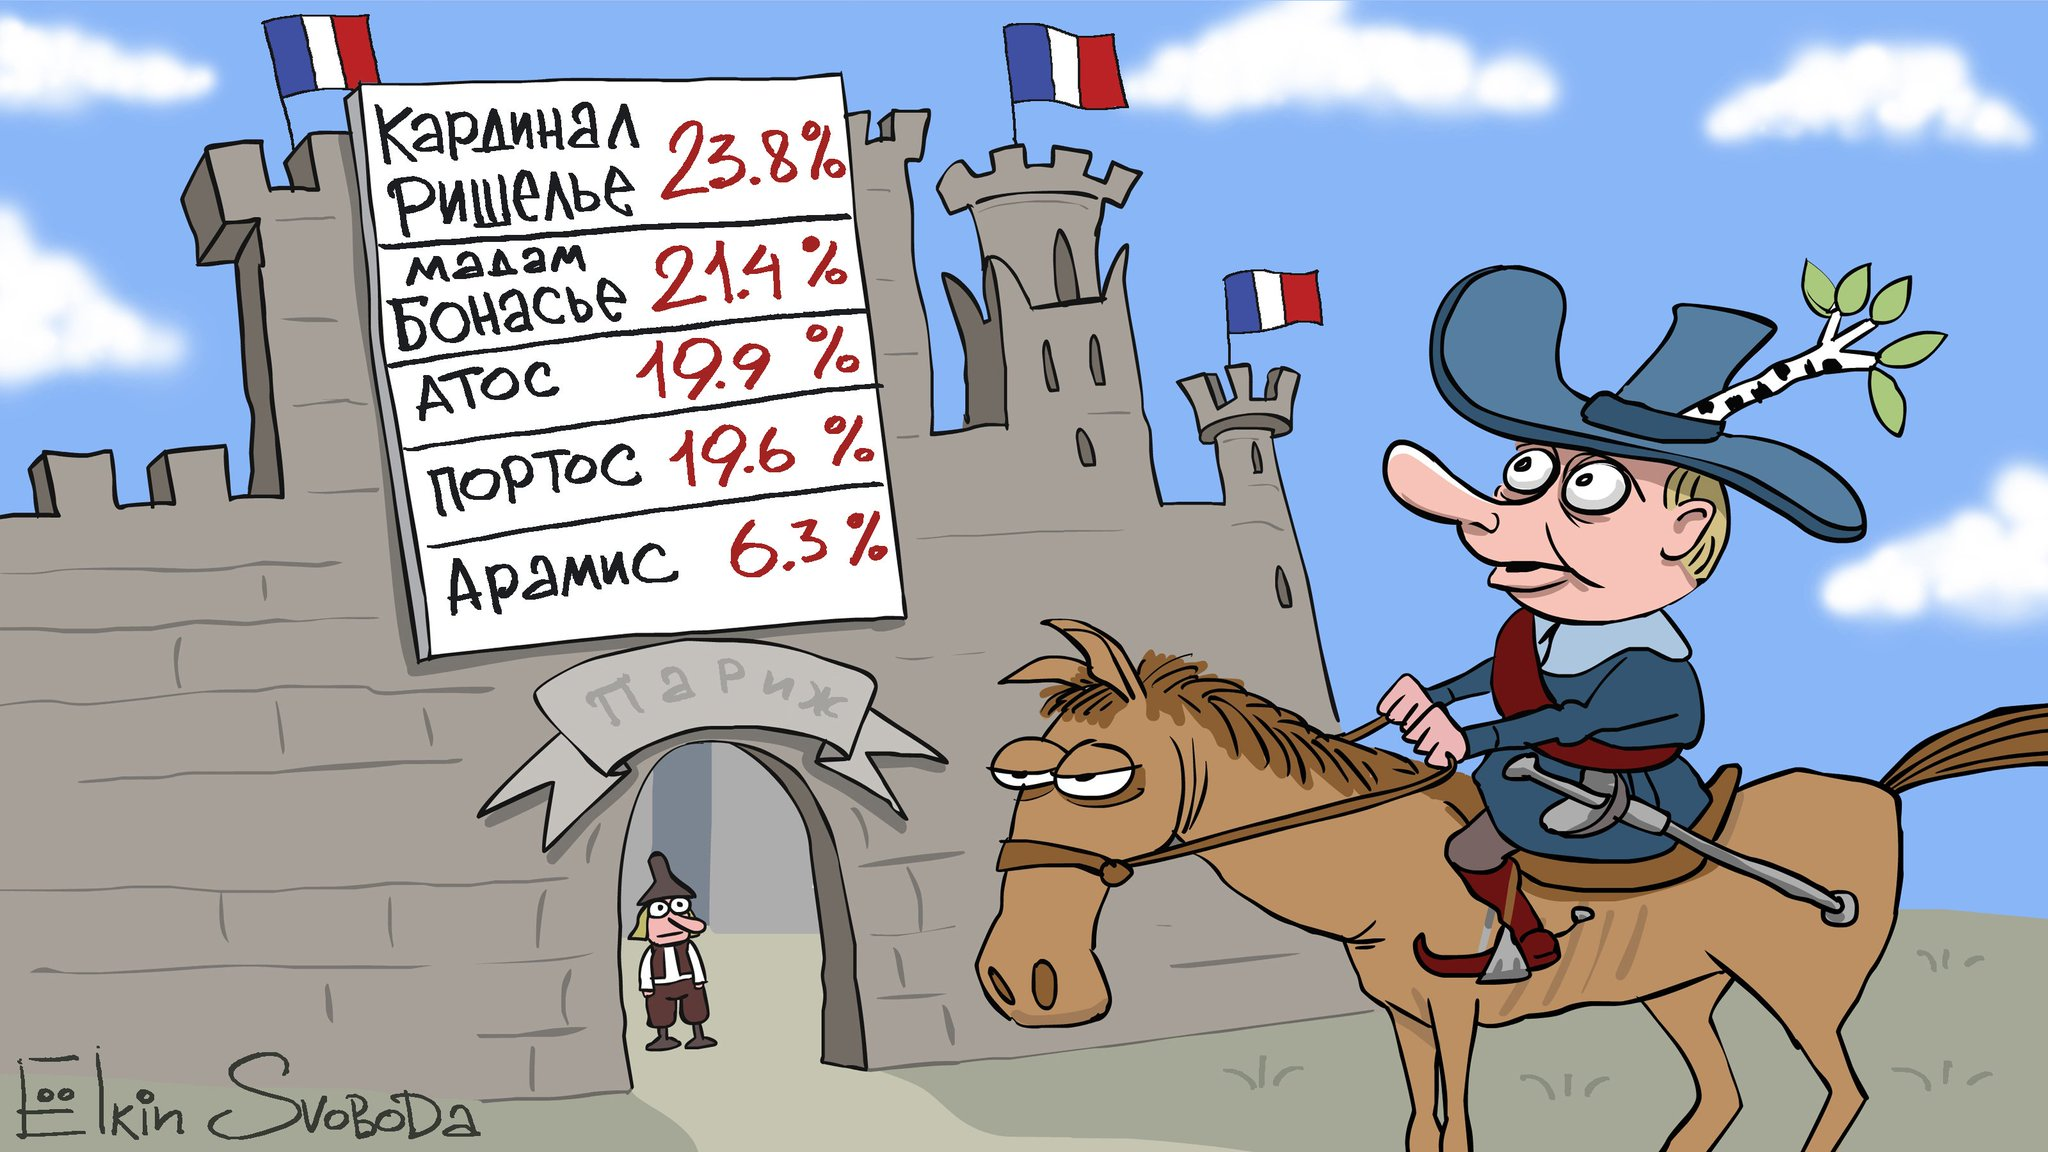 Макрон и Ле Пен лидируют в первом туре президентских выборов во Франции, - экзитпол - Цензор.НЕТ 5947